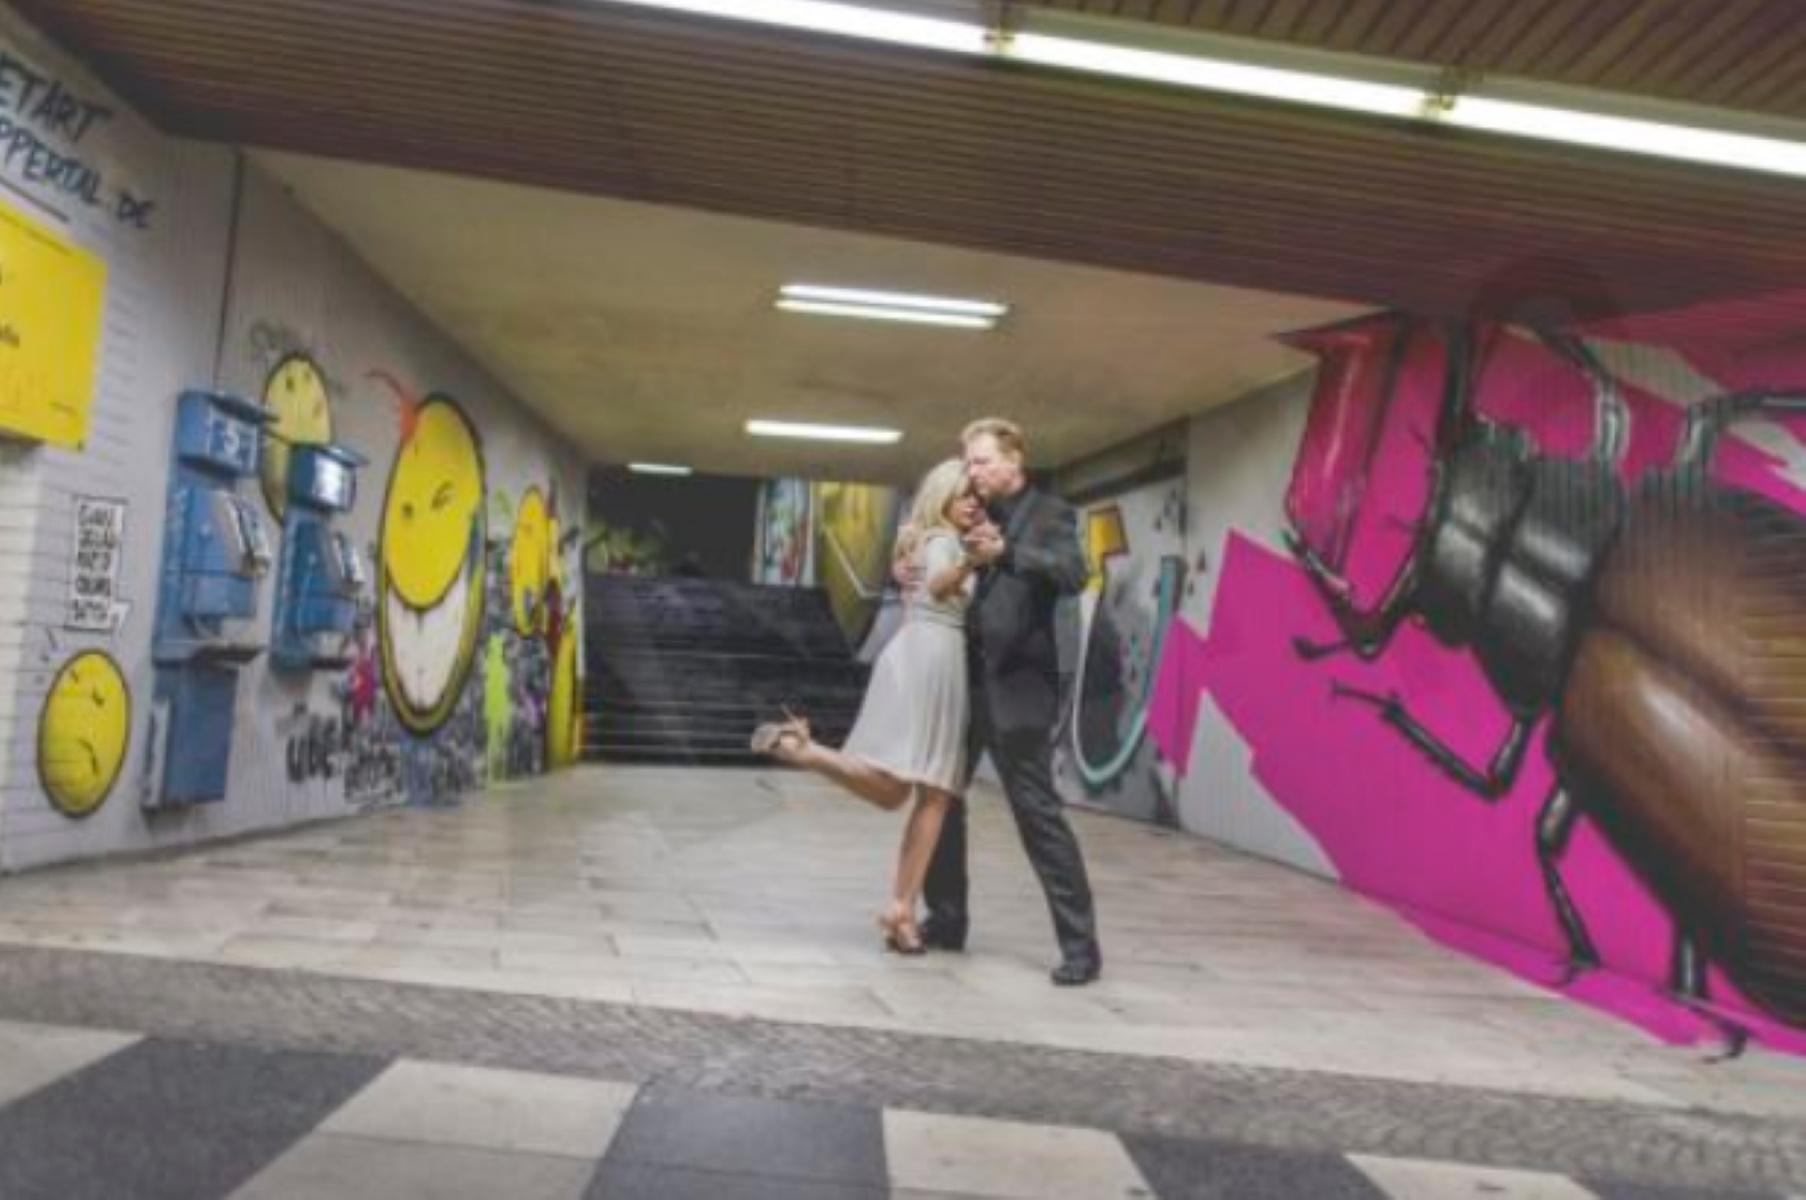 Κορονοϊός: Στην Ιταλία επιτρέπονται οι χοροί αλλά με χρονόμετρο